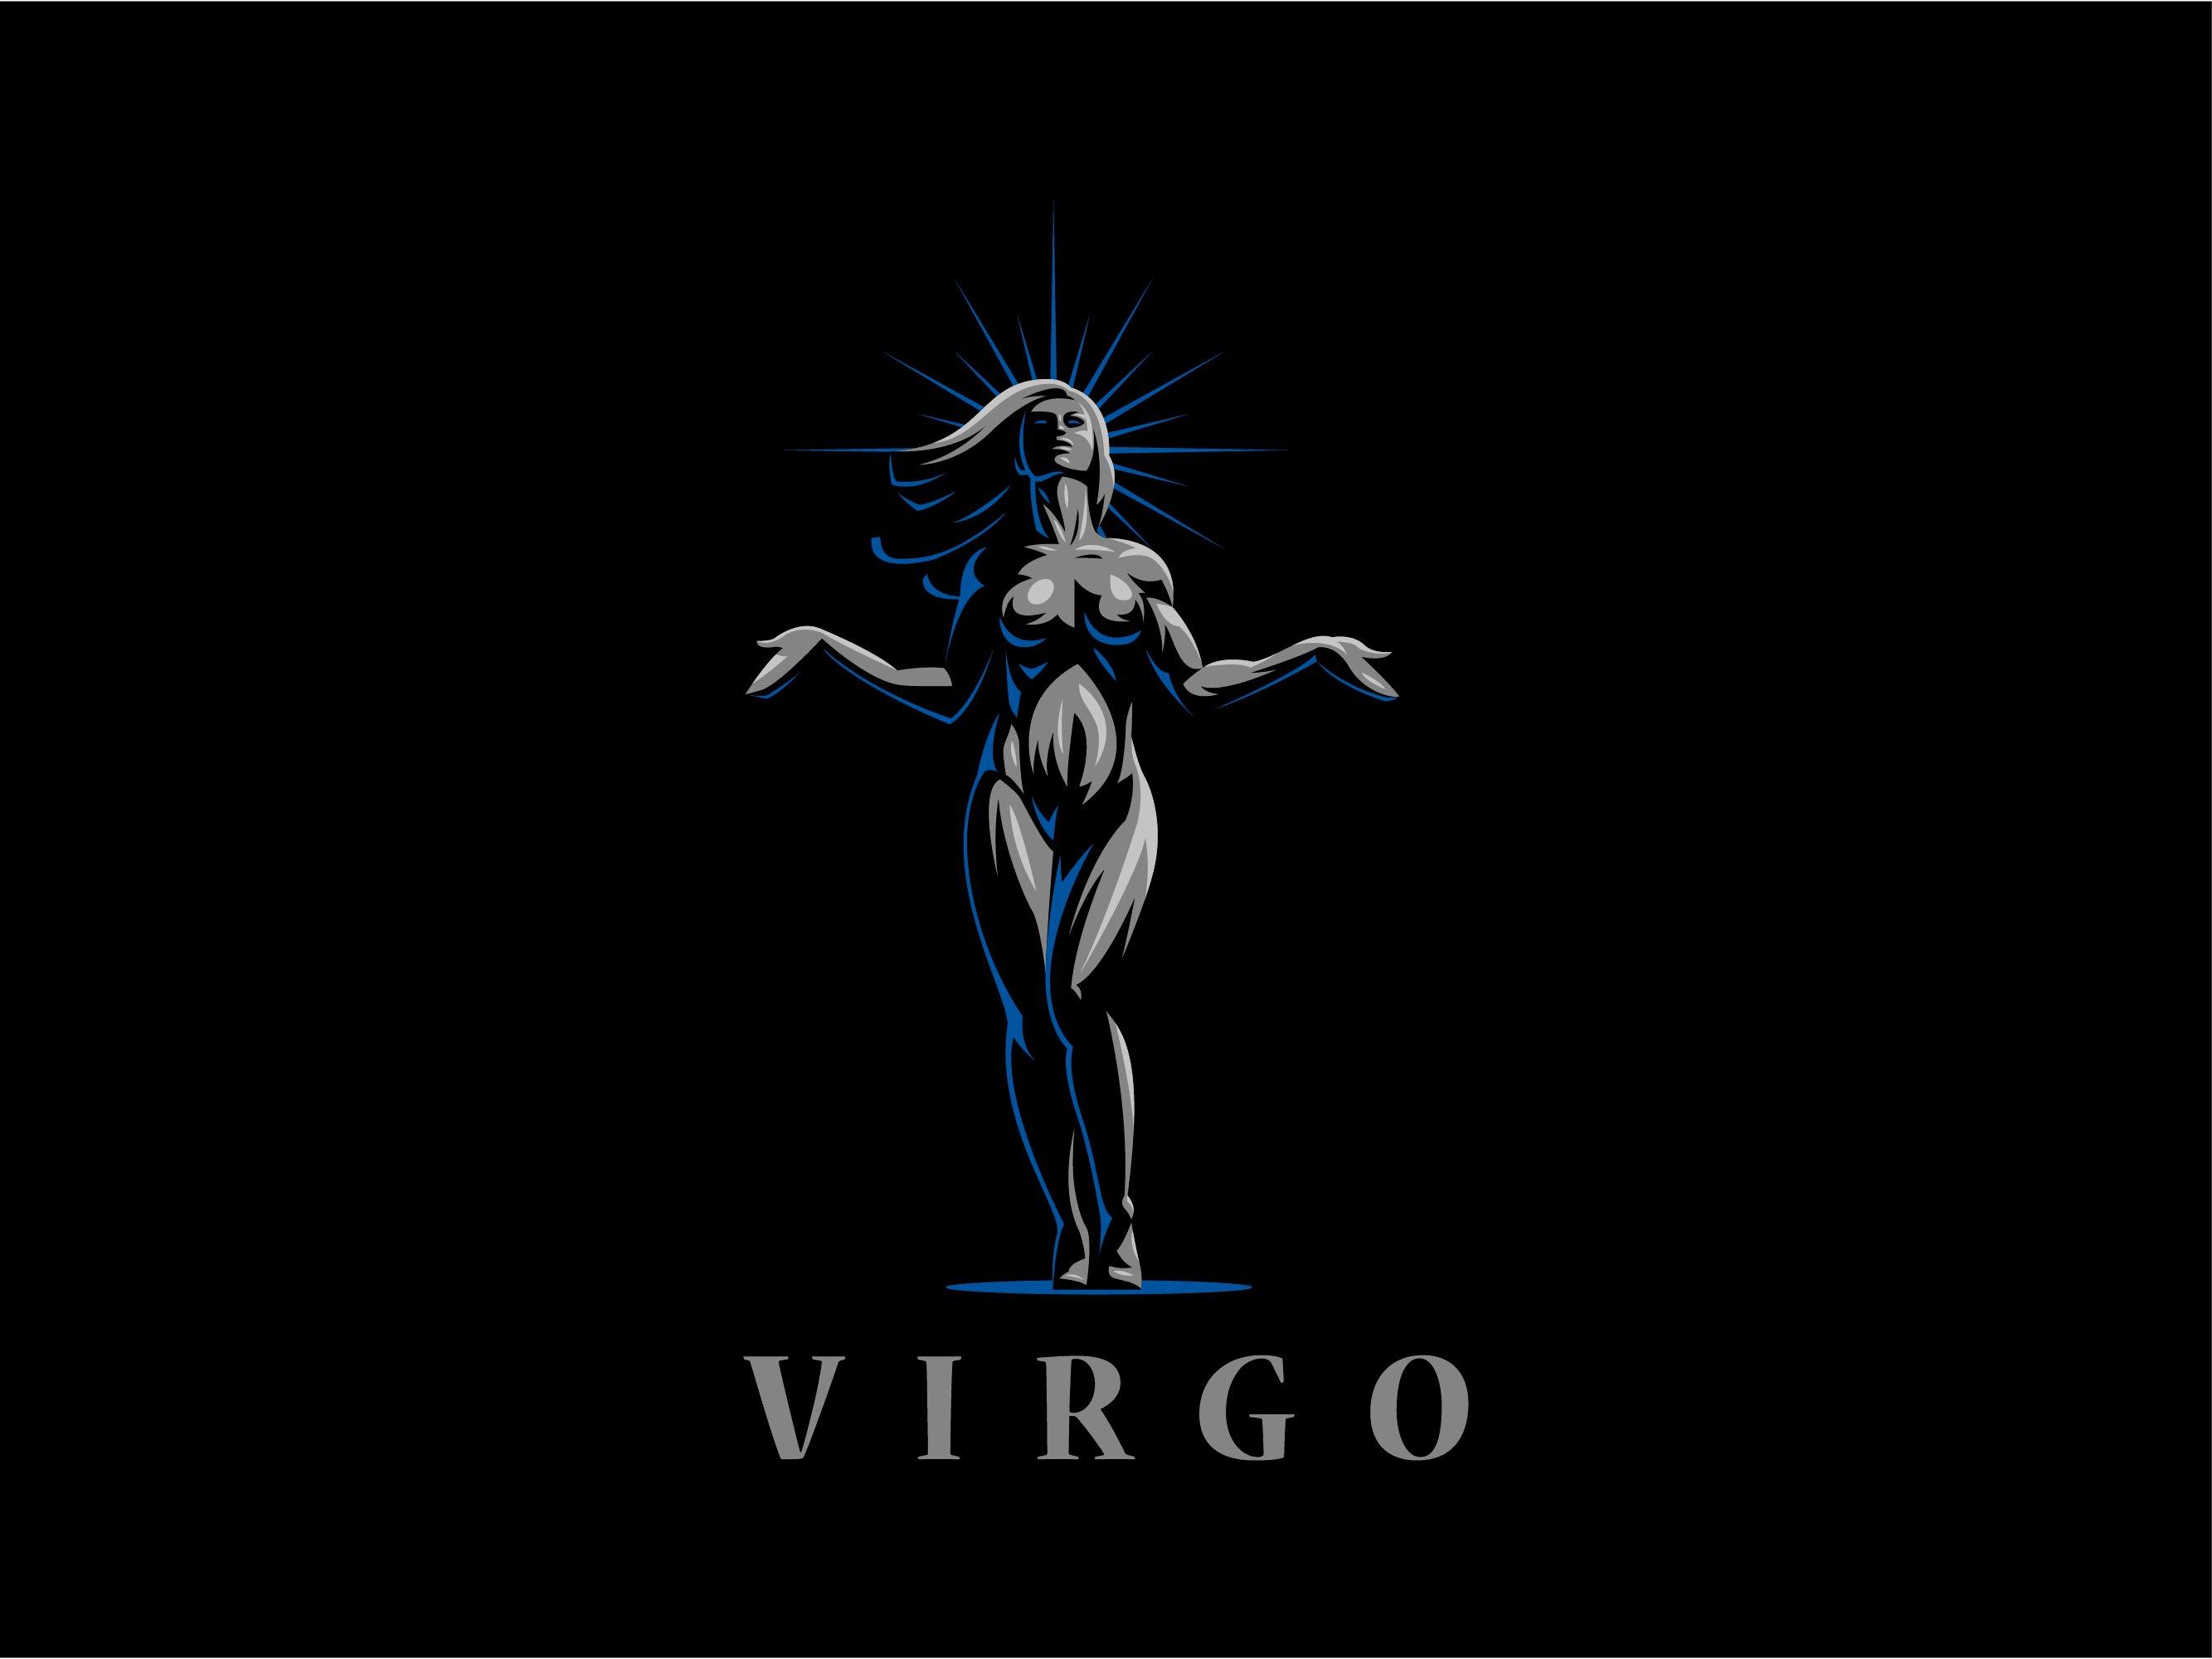 Virgo. |Imagen: Shutterstock